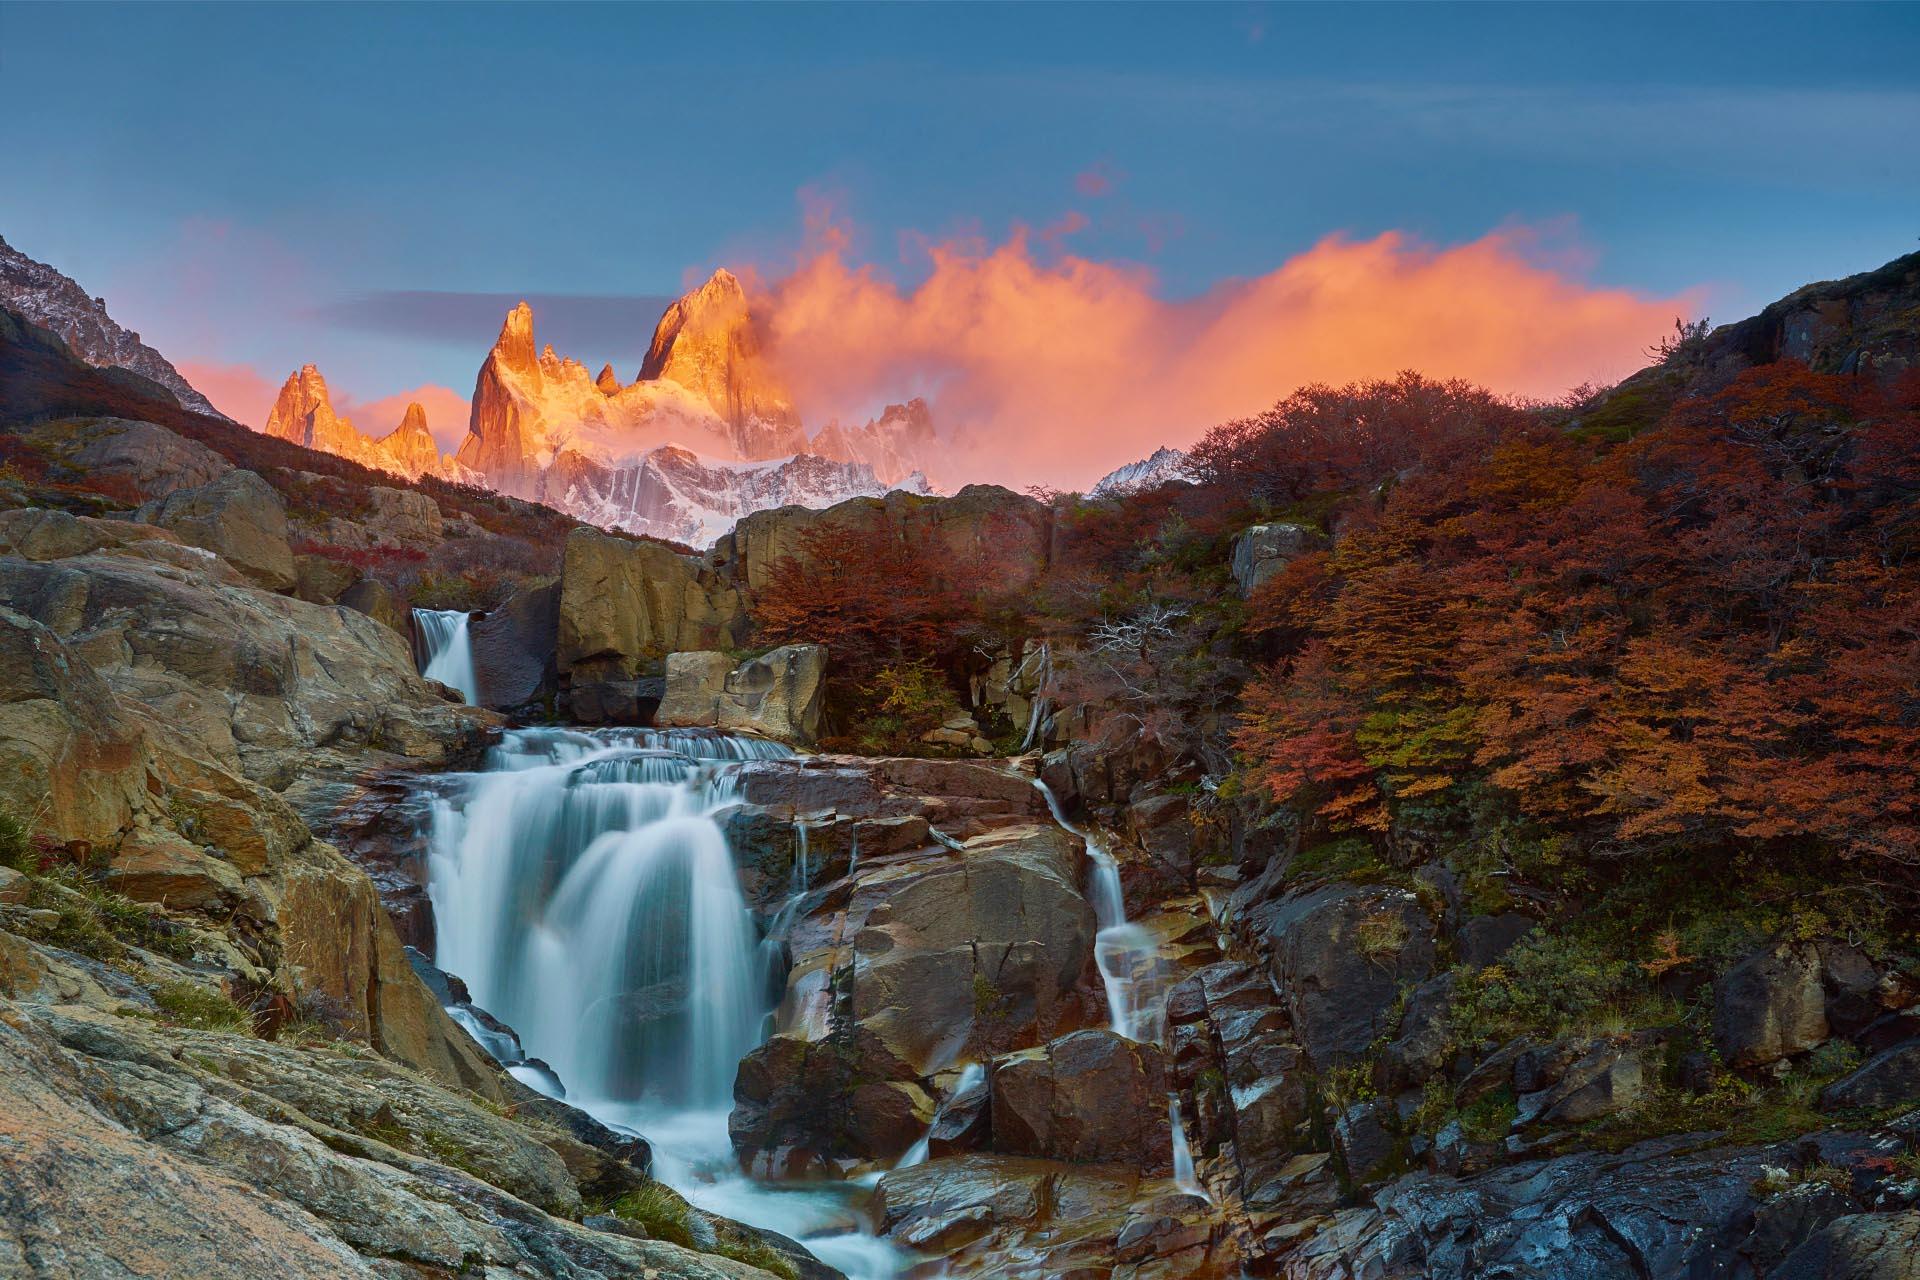 朝のフィッツ・ロイ アルゼンチンの風景